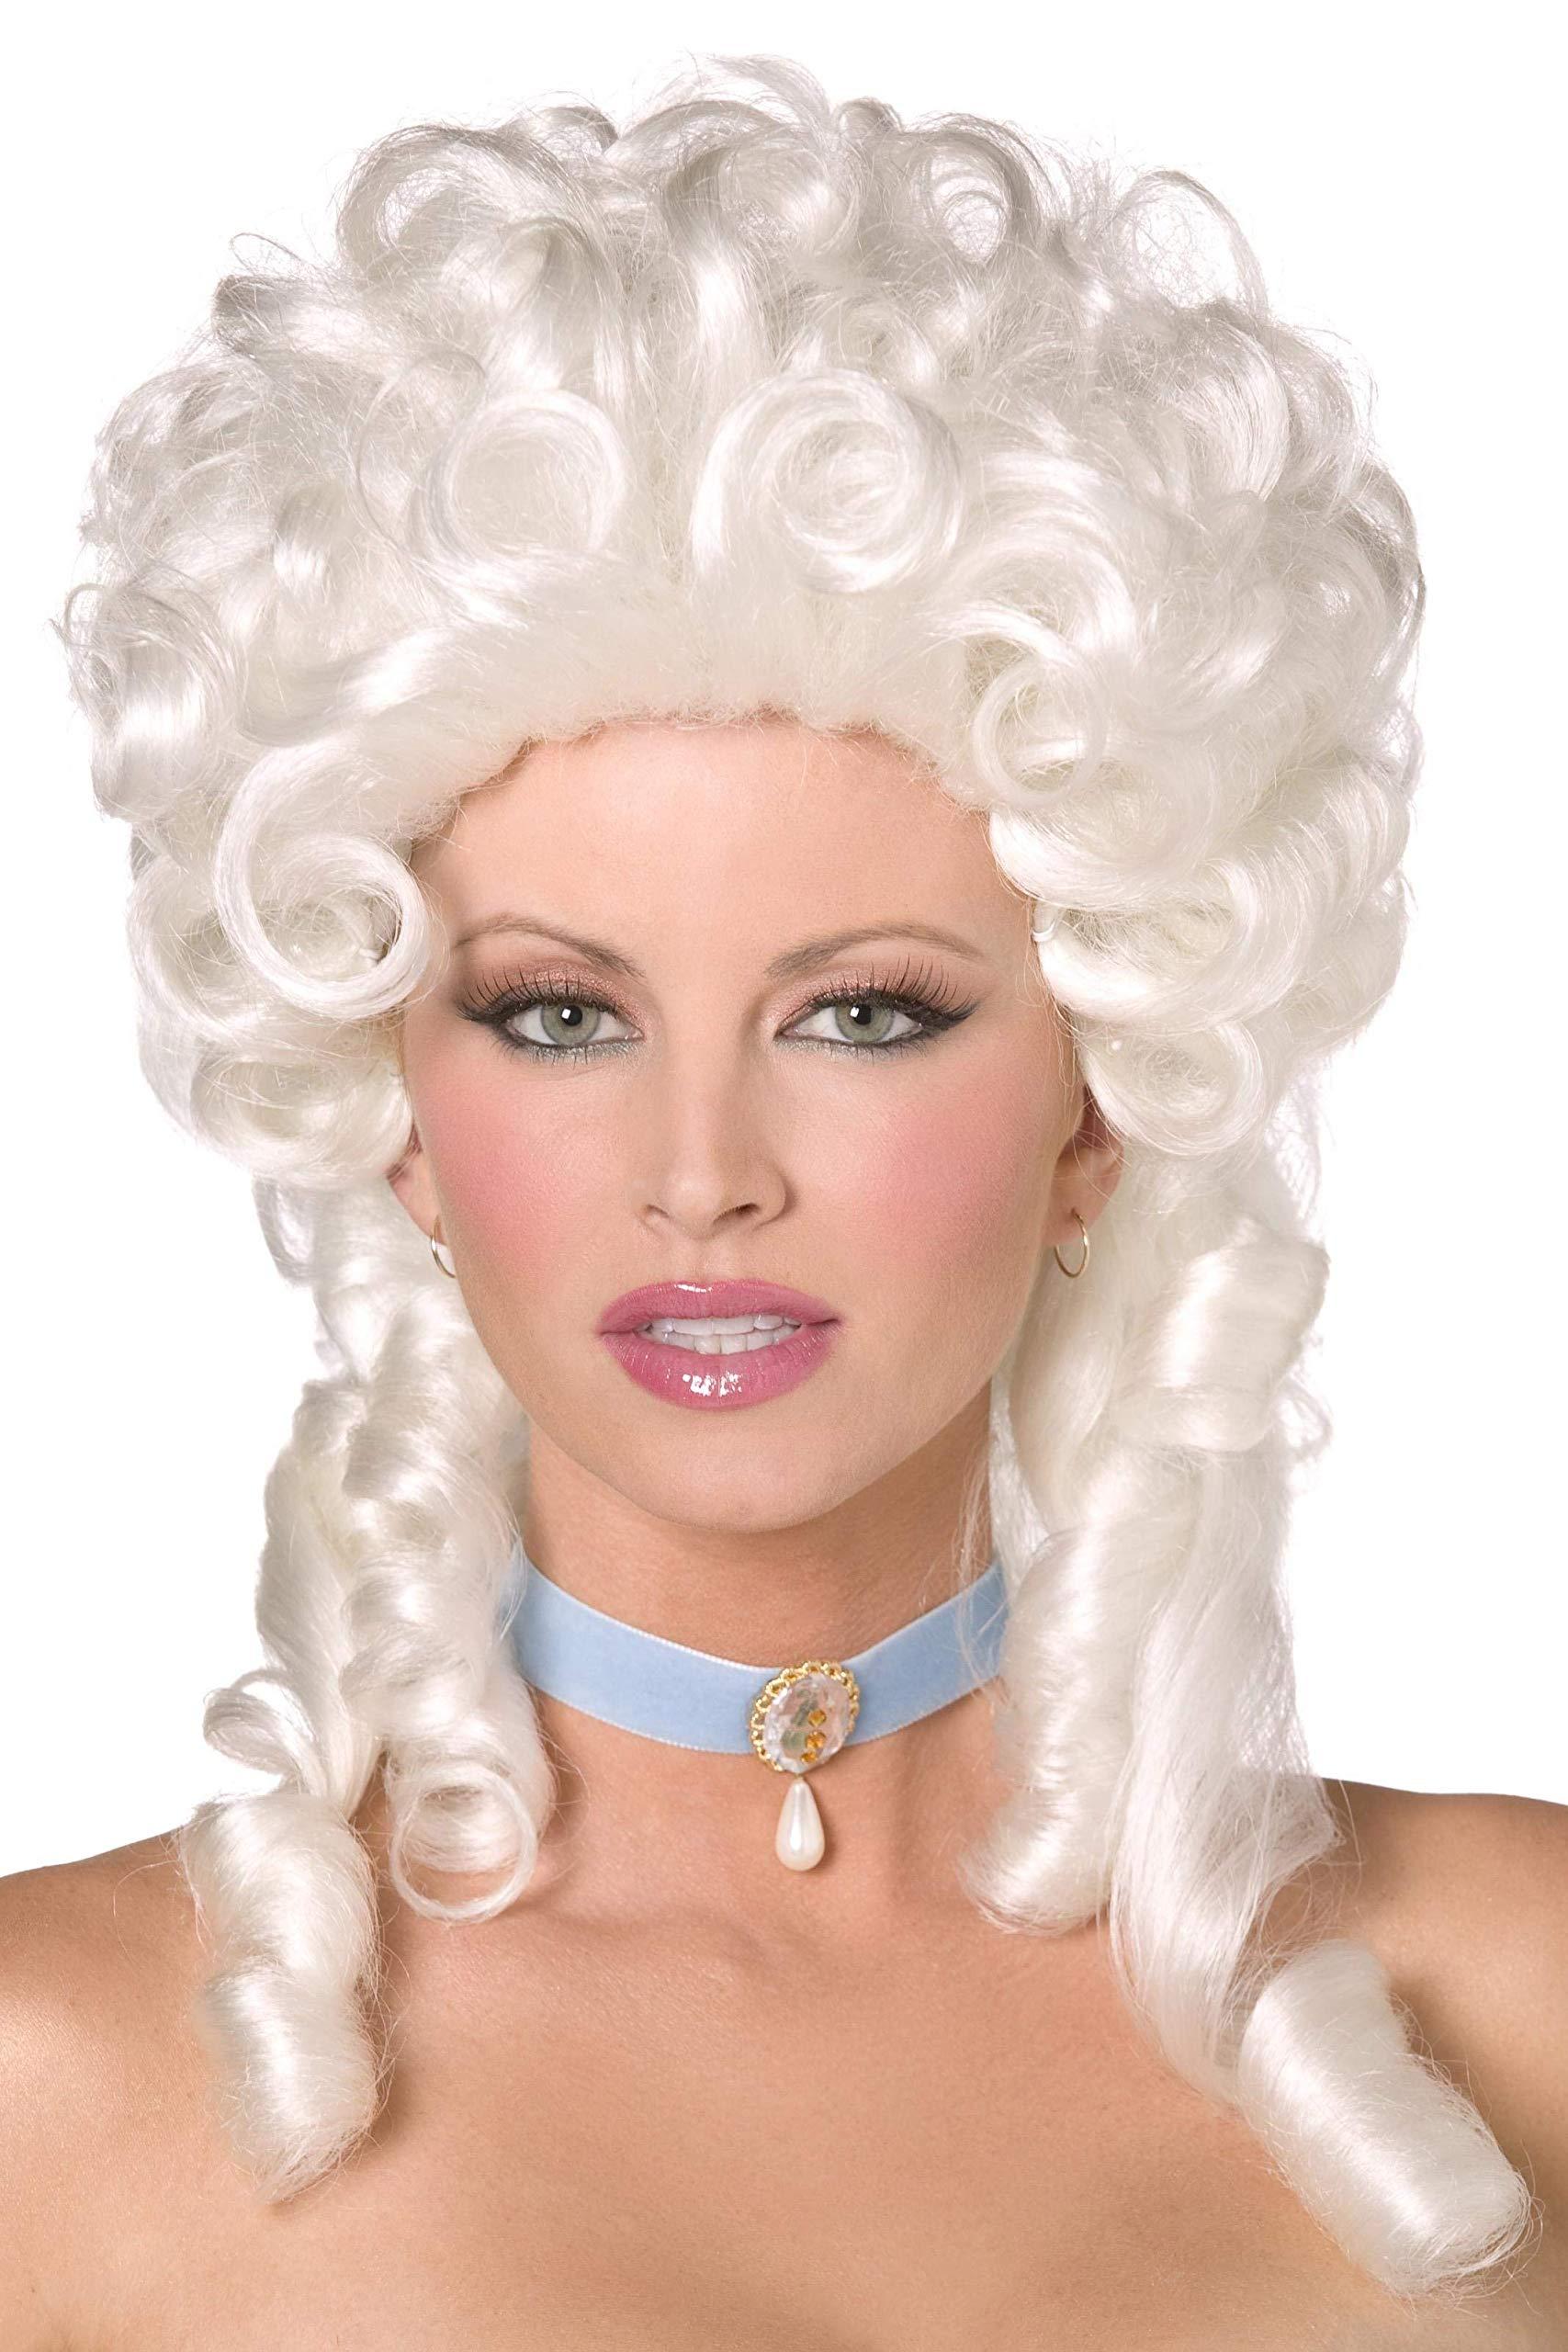 SMIFFYS Smiffy's-Parrucca barocca, bianca, lunghezza spalle con boccoli Donna, Taglia unica, 42122 1 spesavip